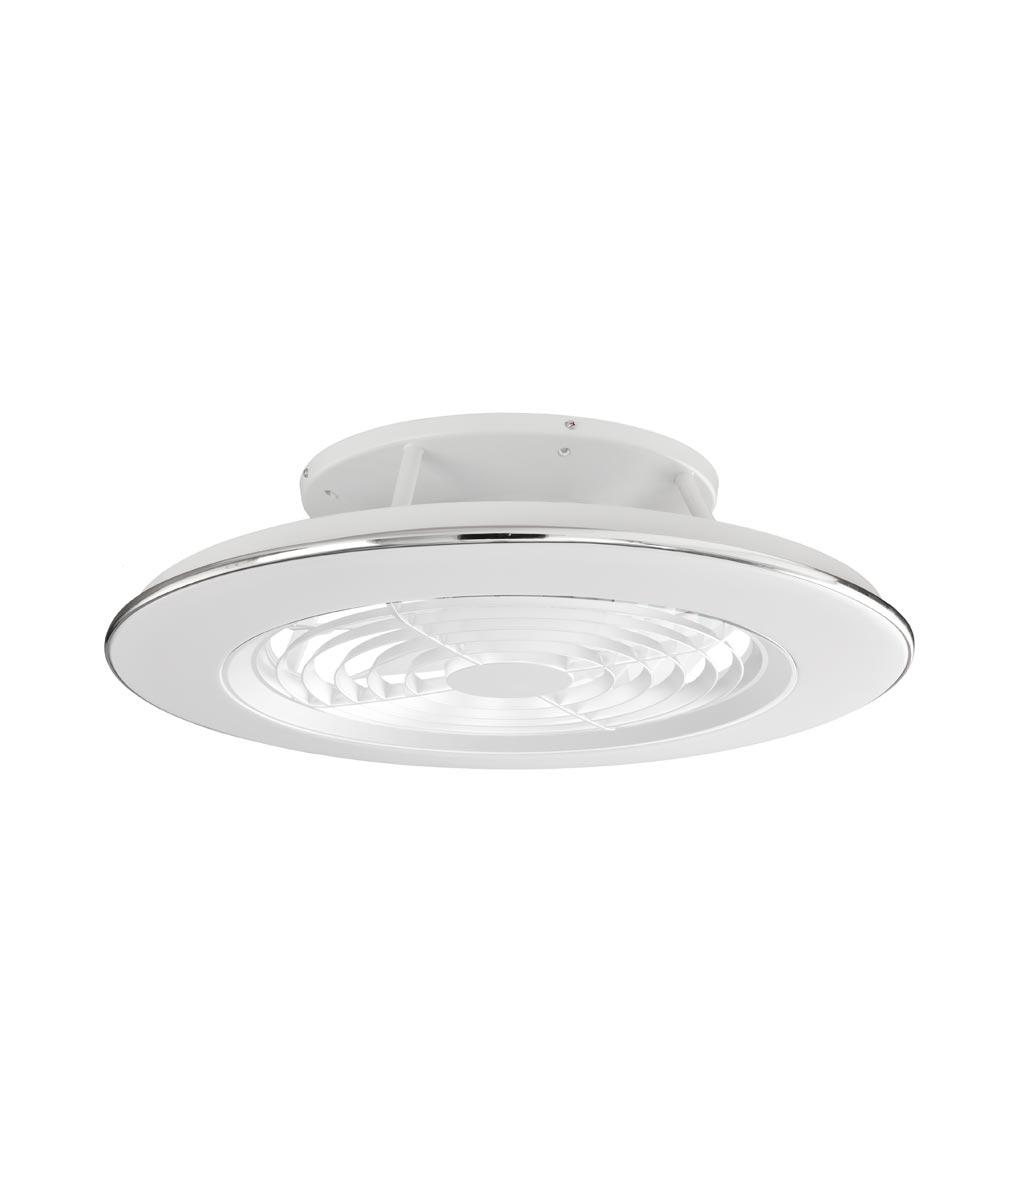 Plafón ventilador cromo y blanco ALISIO LED